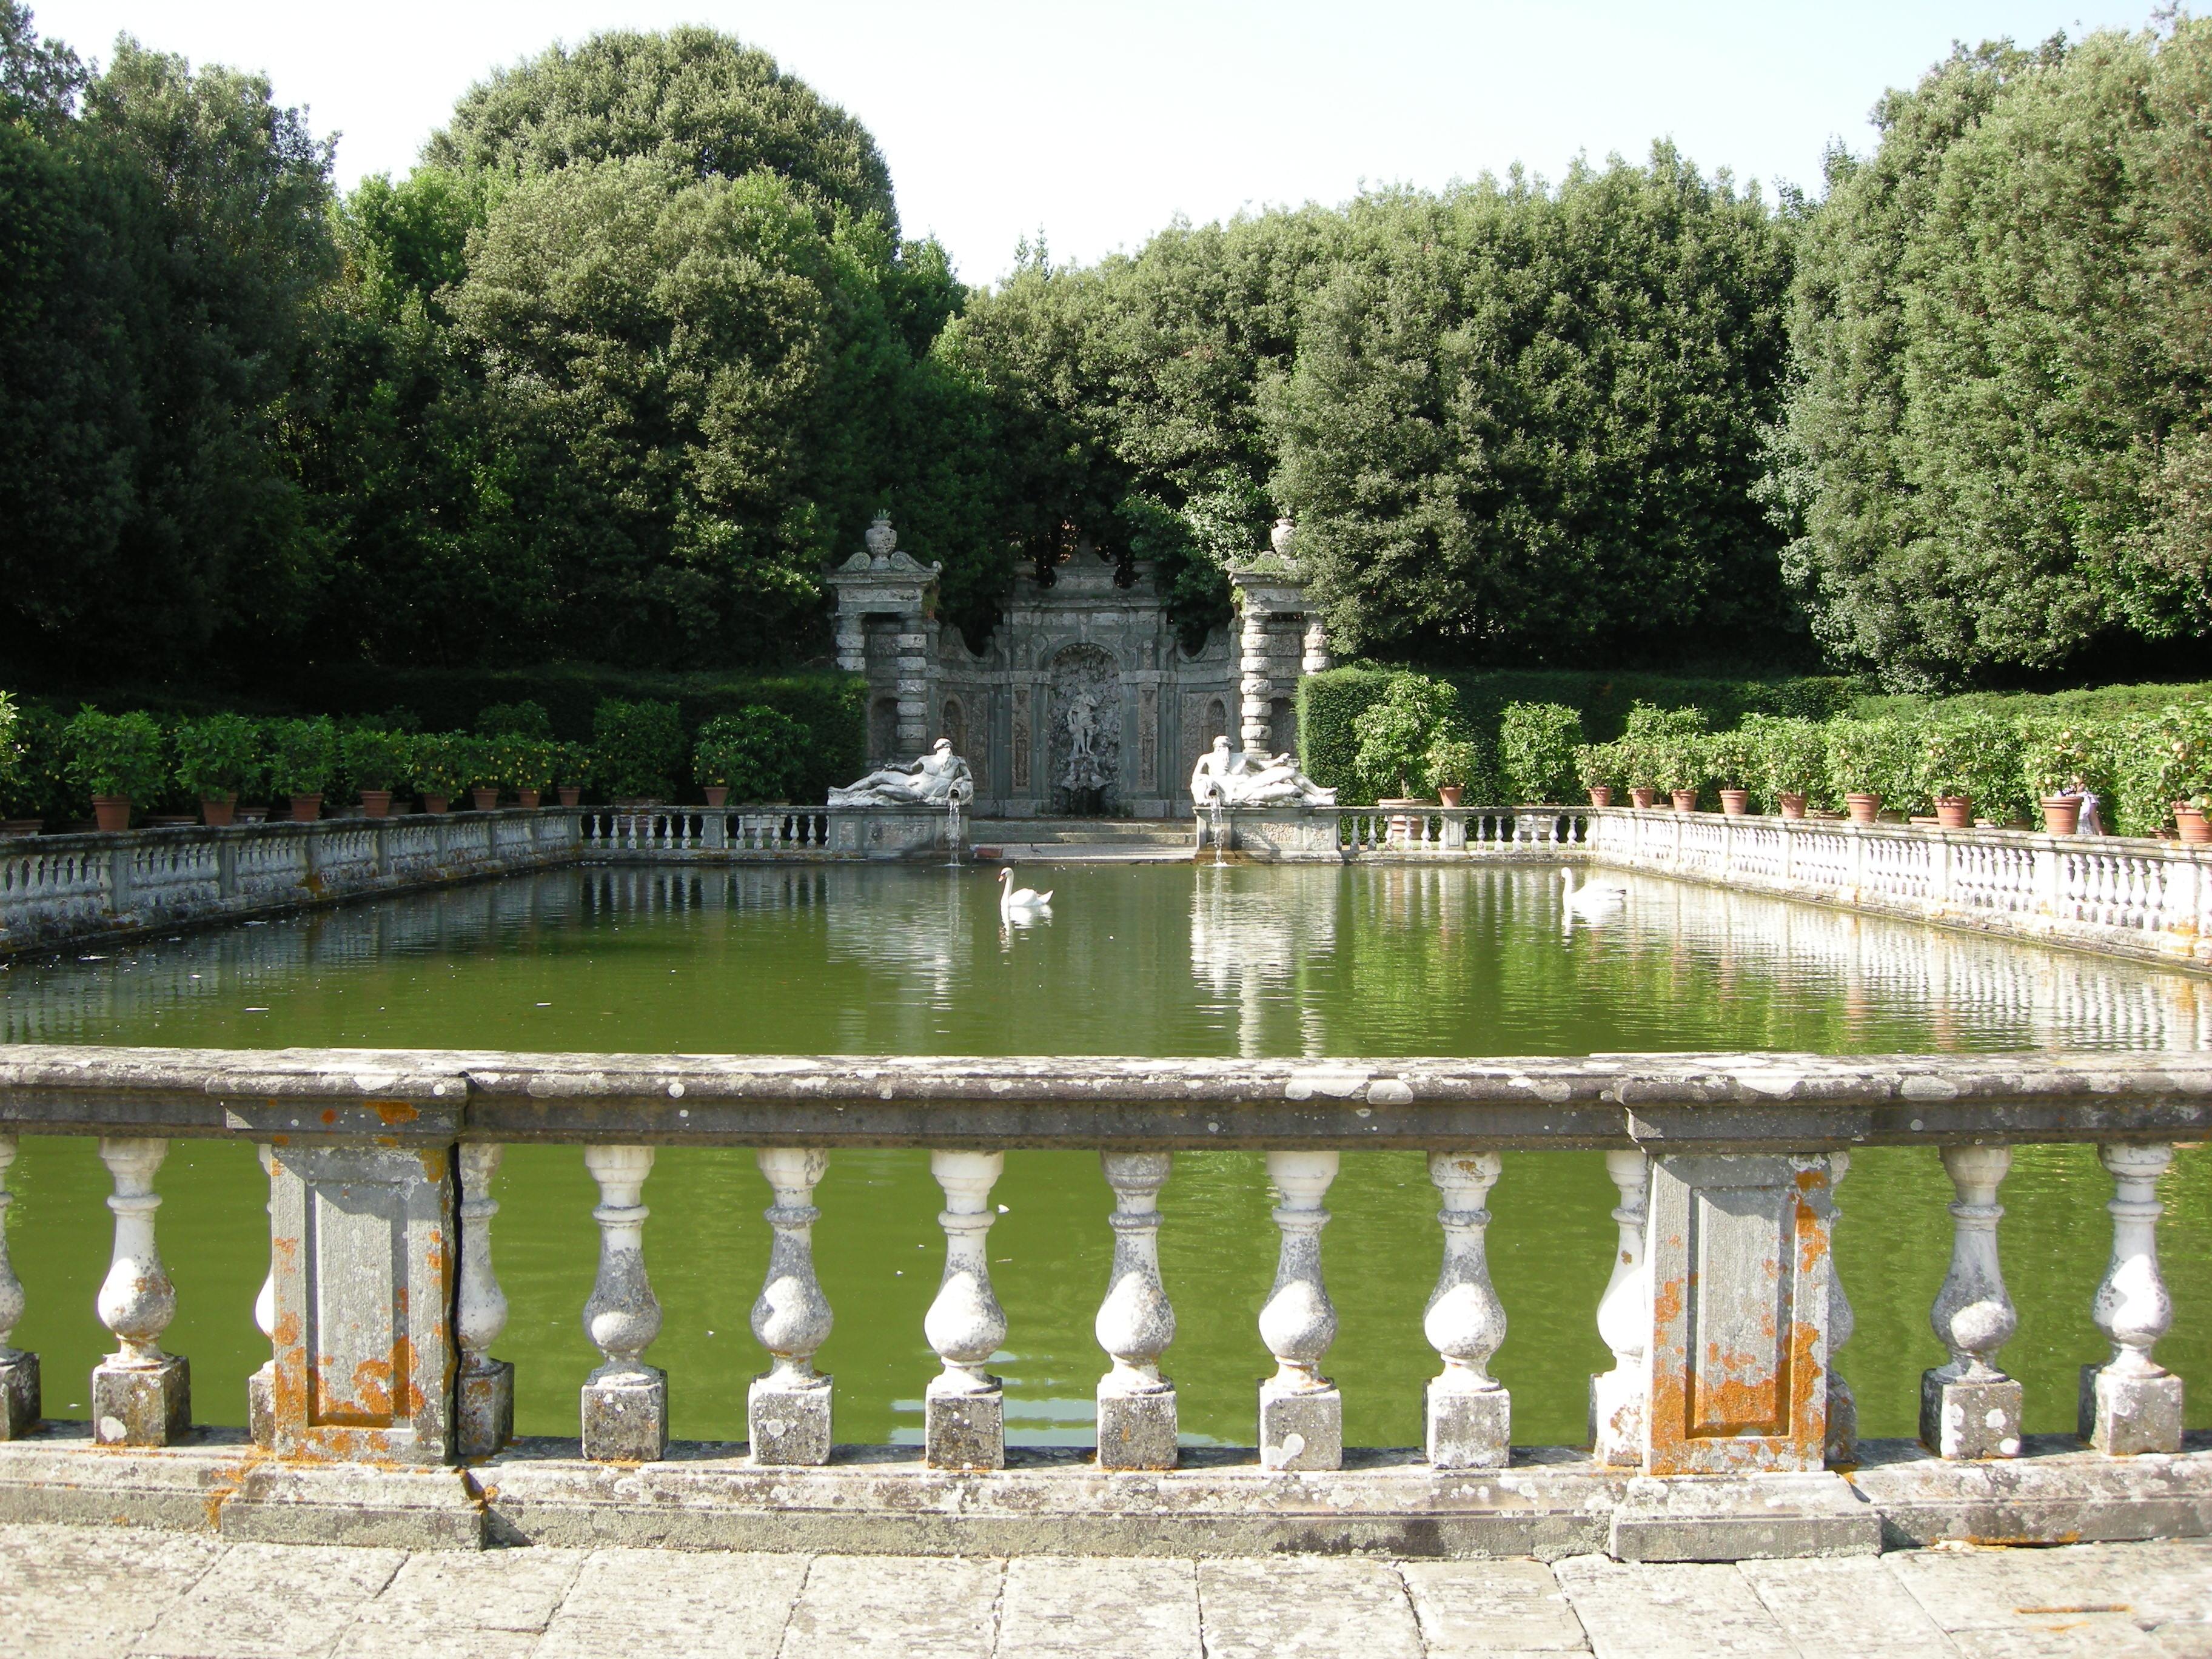 Apre al pubblico Villa reale Marlia, dimora della sorella di Napoleone - Travelnostop